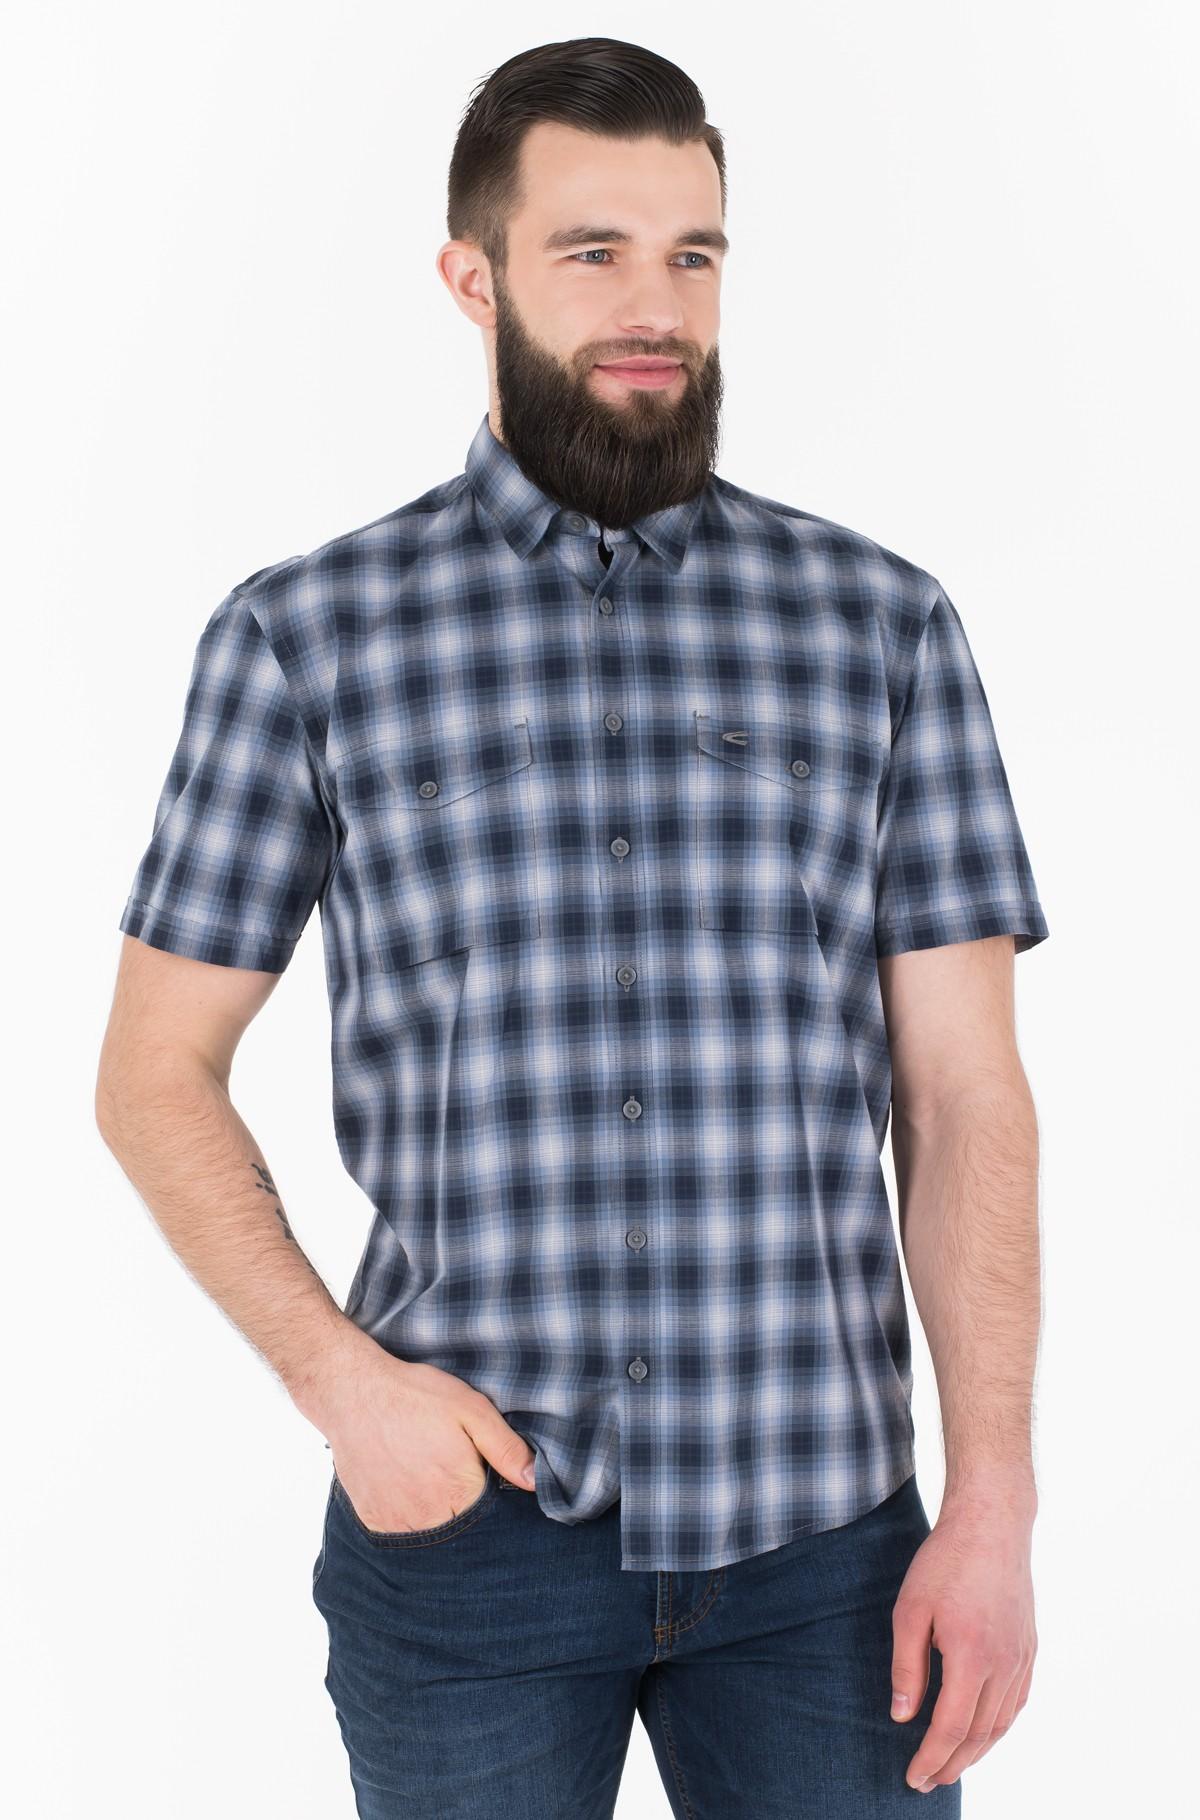 Marškiniai su trumpomis rankovėmis 31.115375-full-1